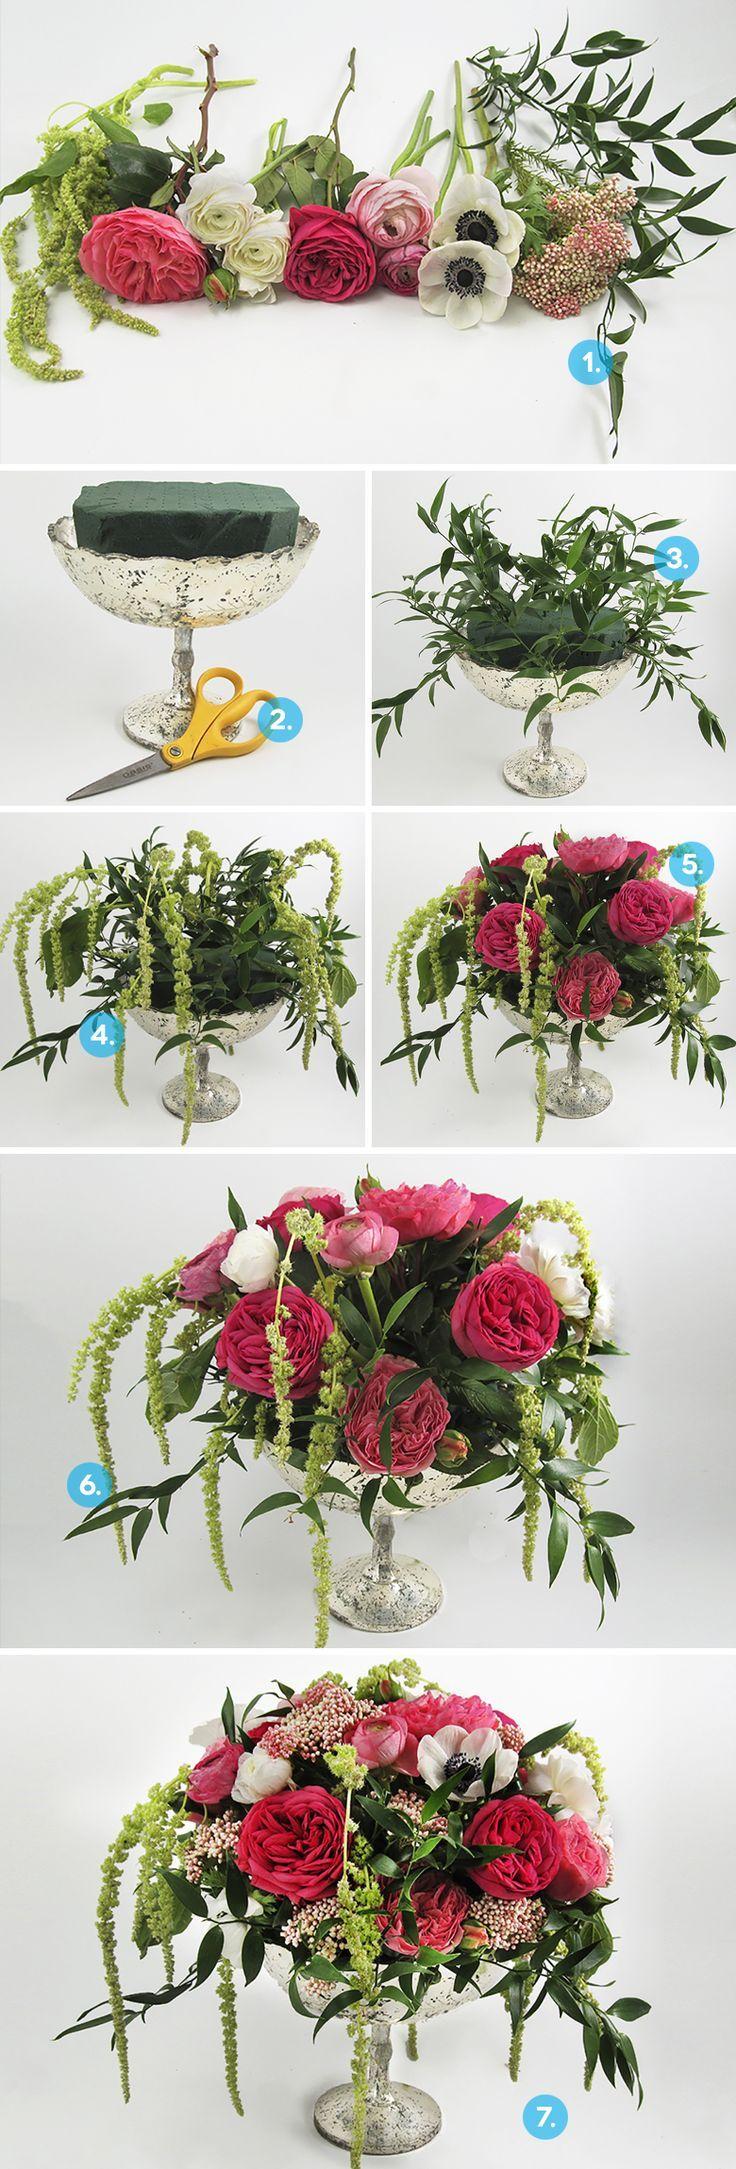 A Practical Flower Arrangement